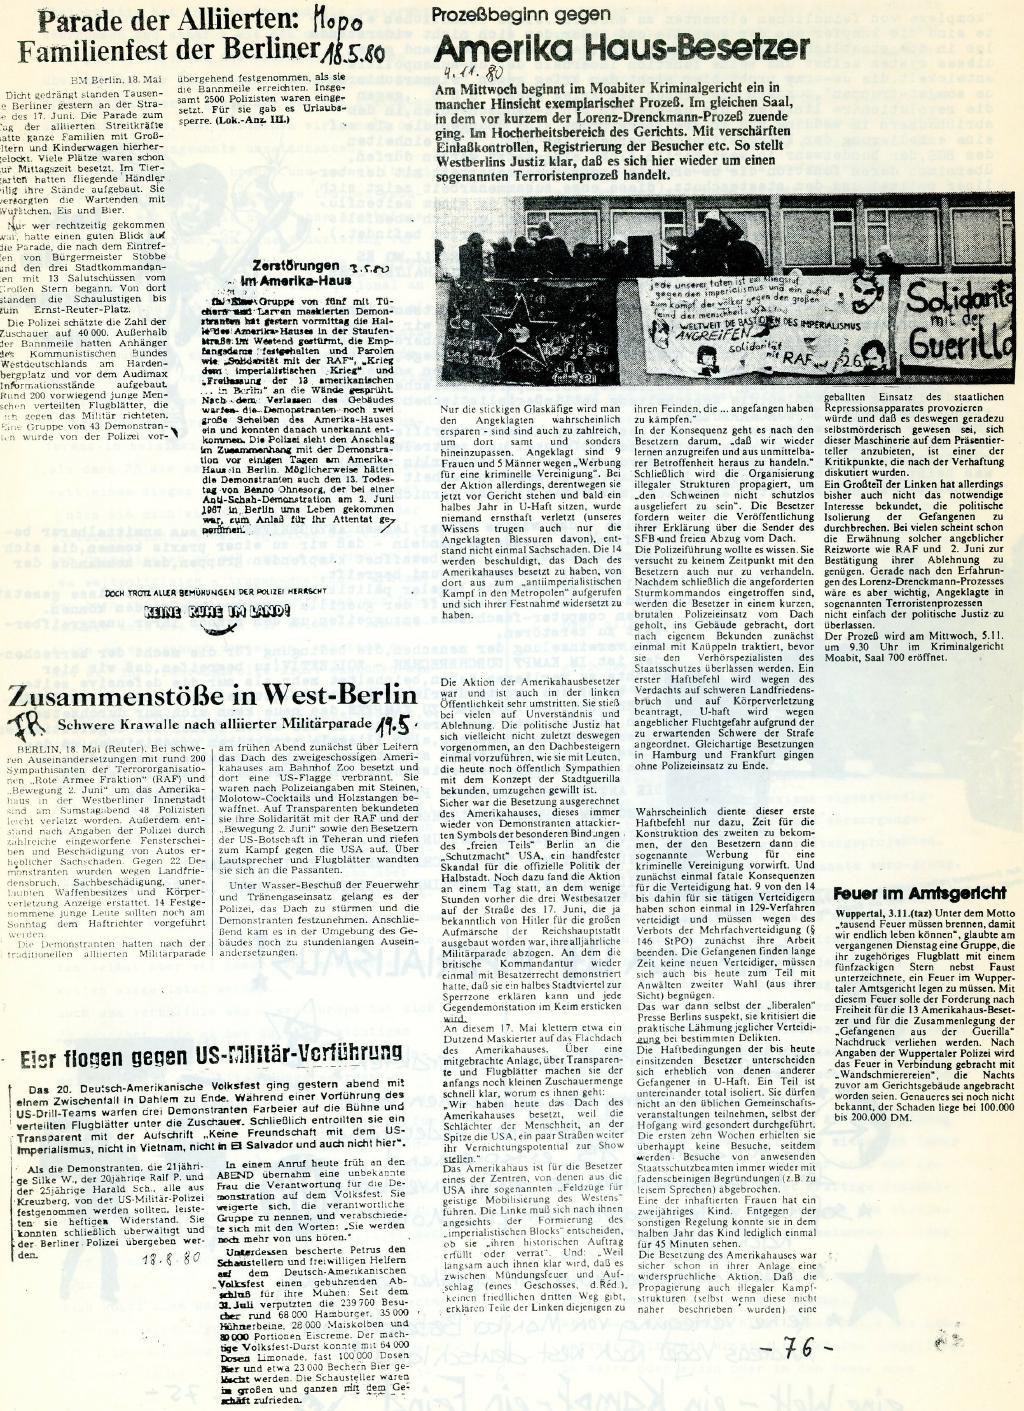 Bremen_1980_NATO_Broschuere_76